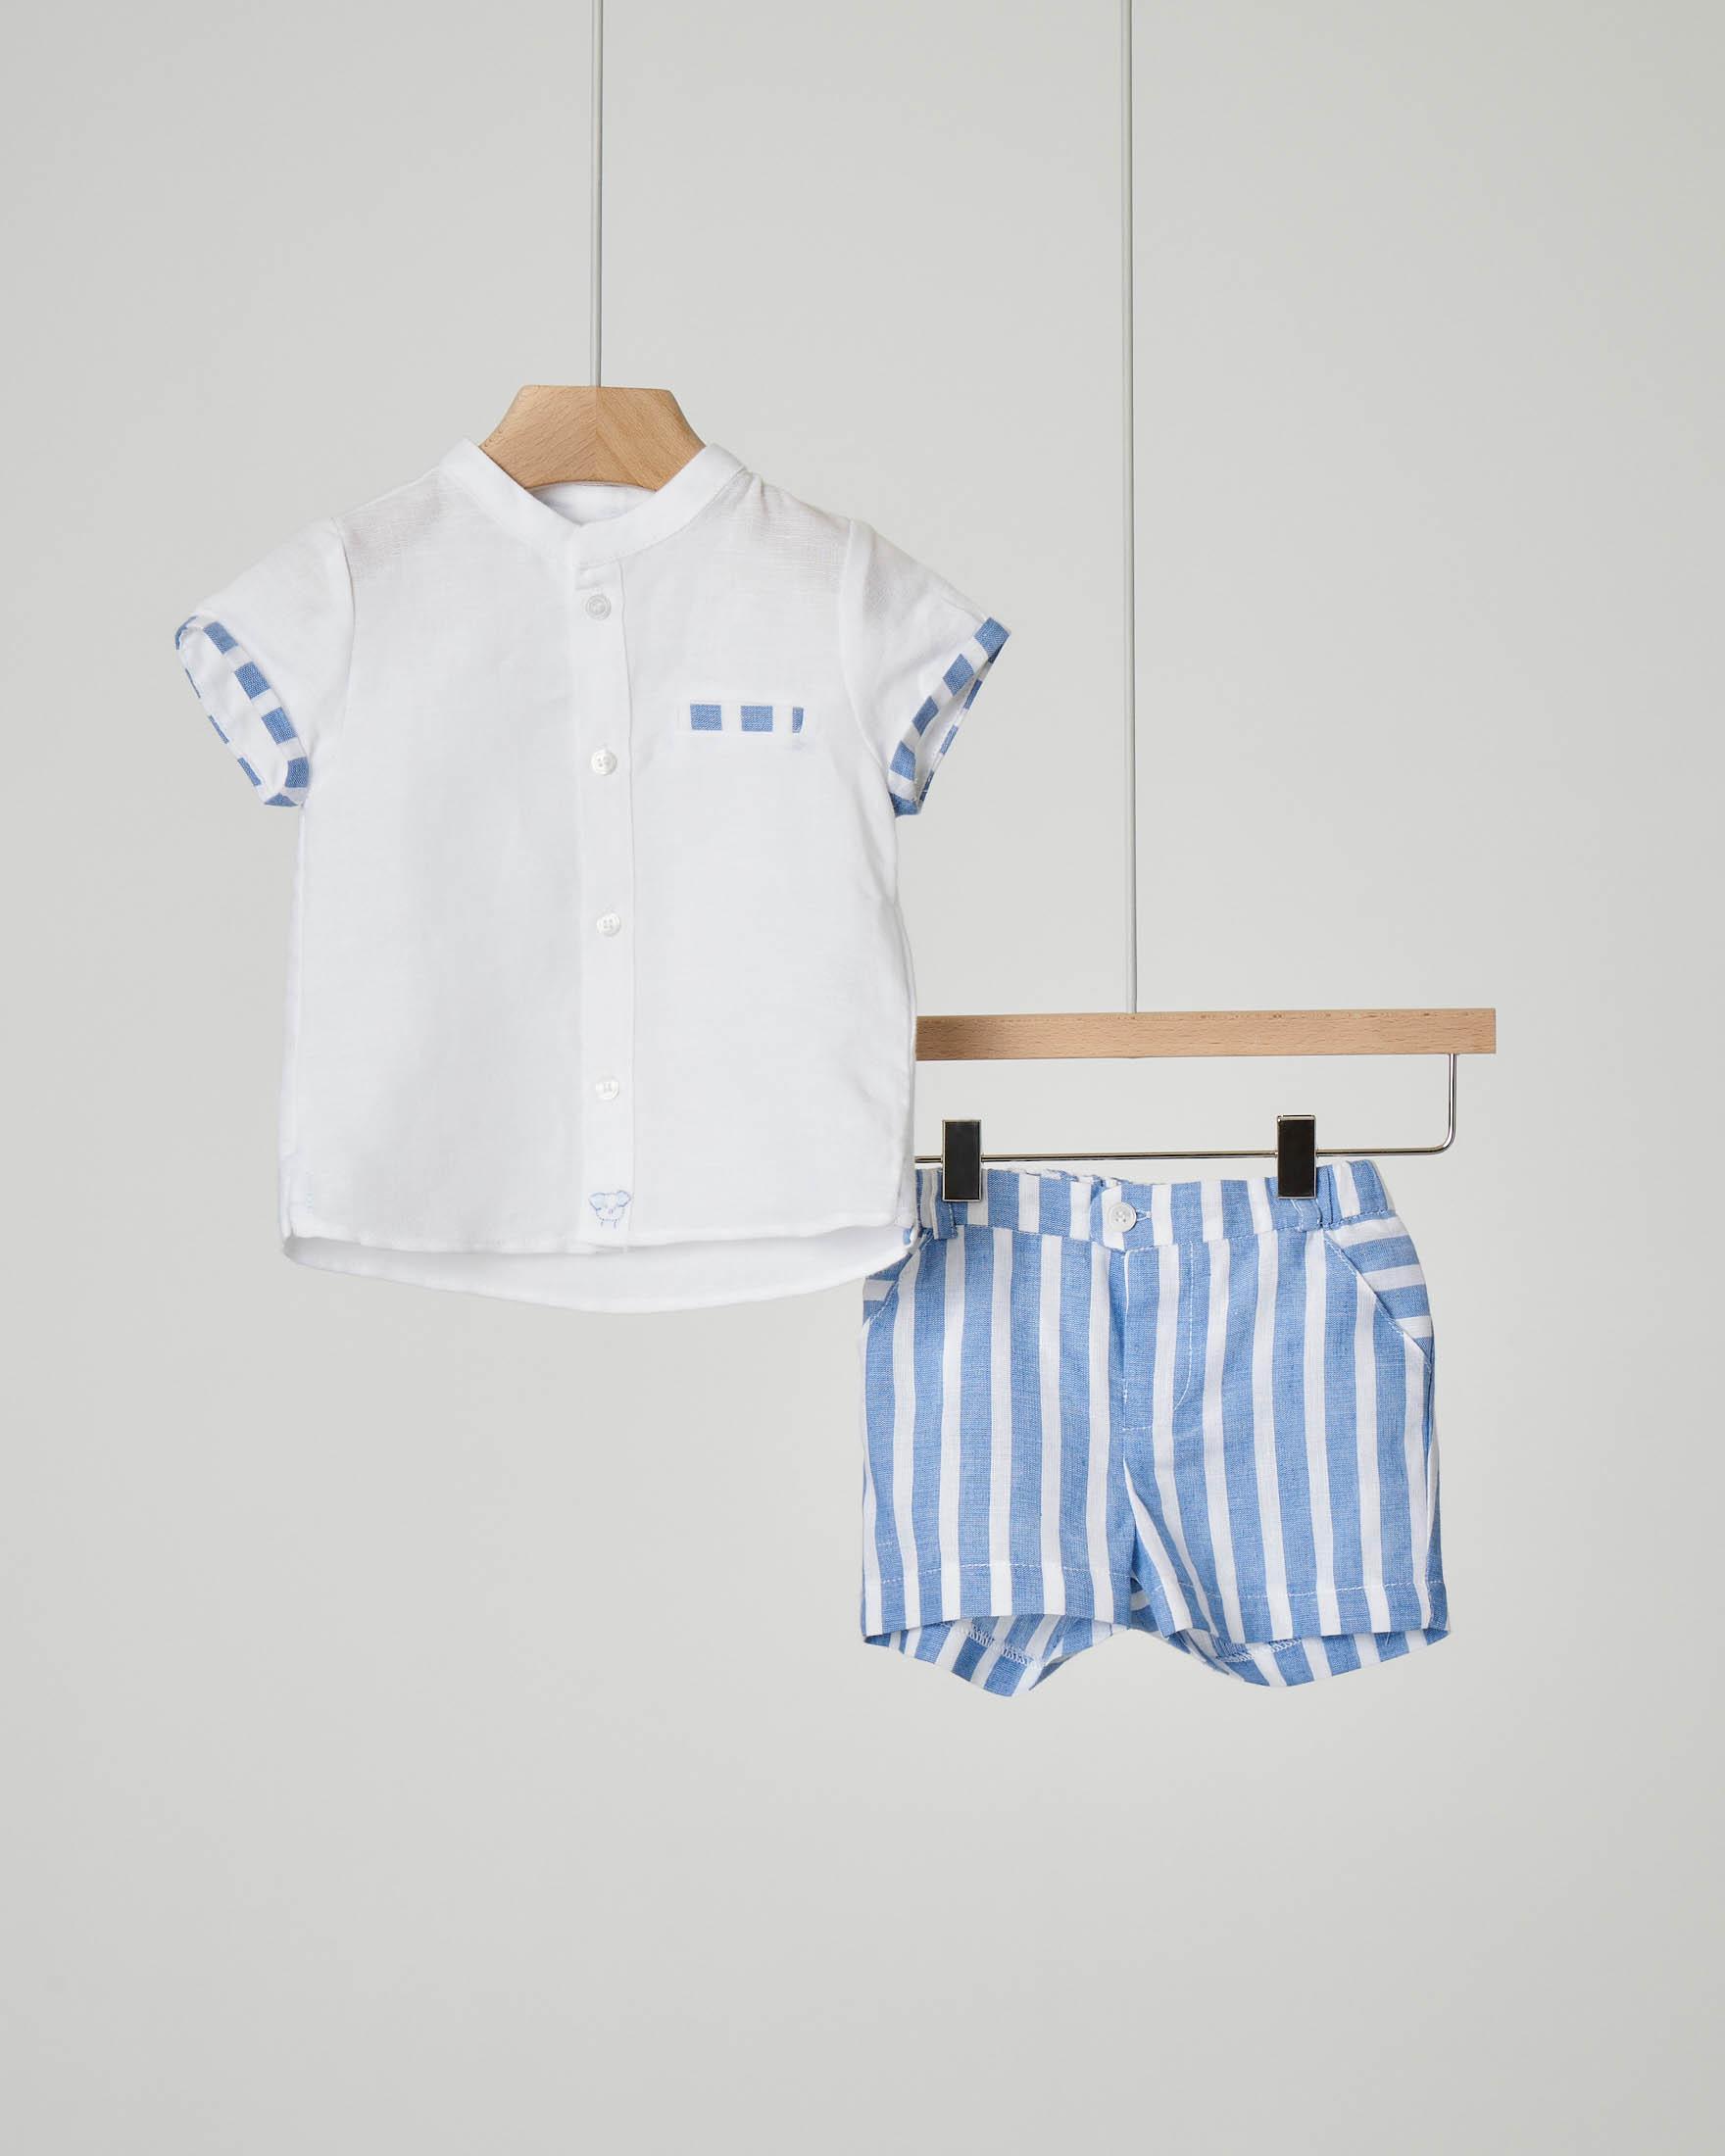 Completo in lino misto cotone con pantalone corto a righe bianche e azzurre e camicia con colletto alla coreana